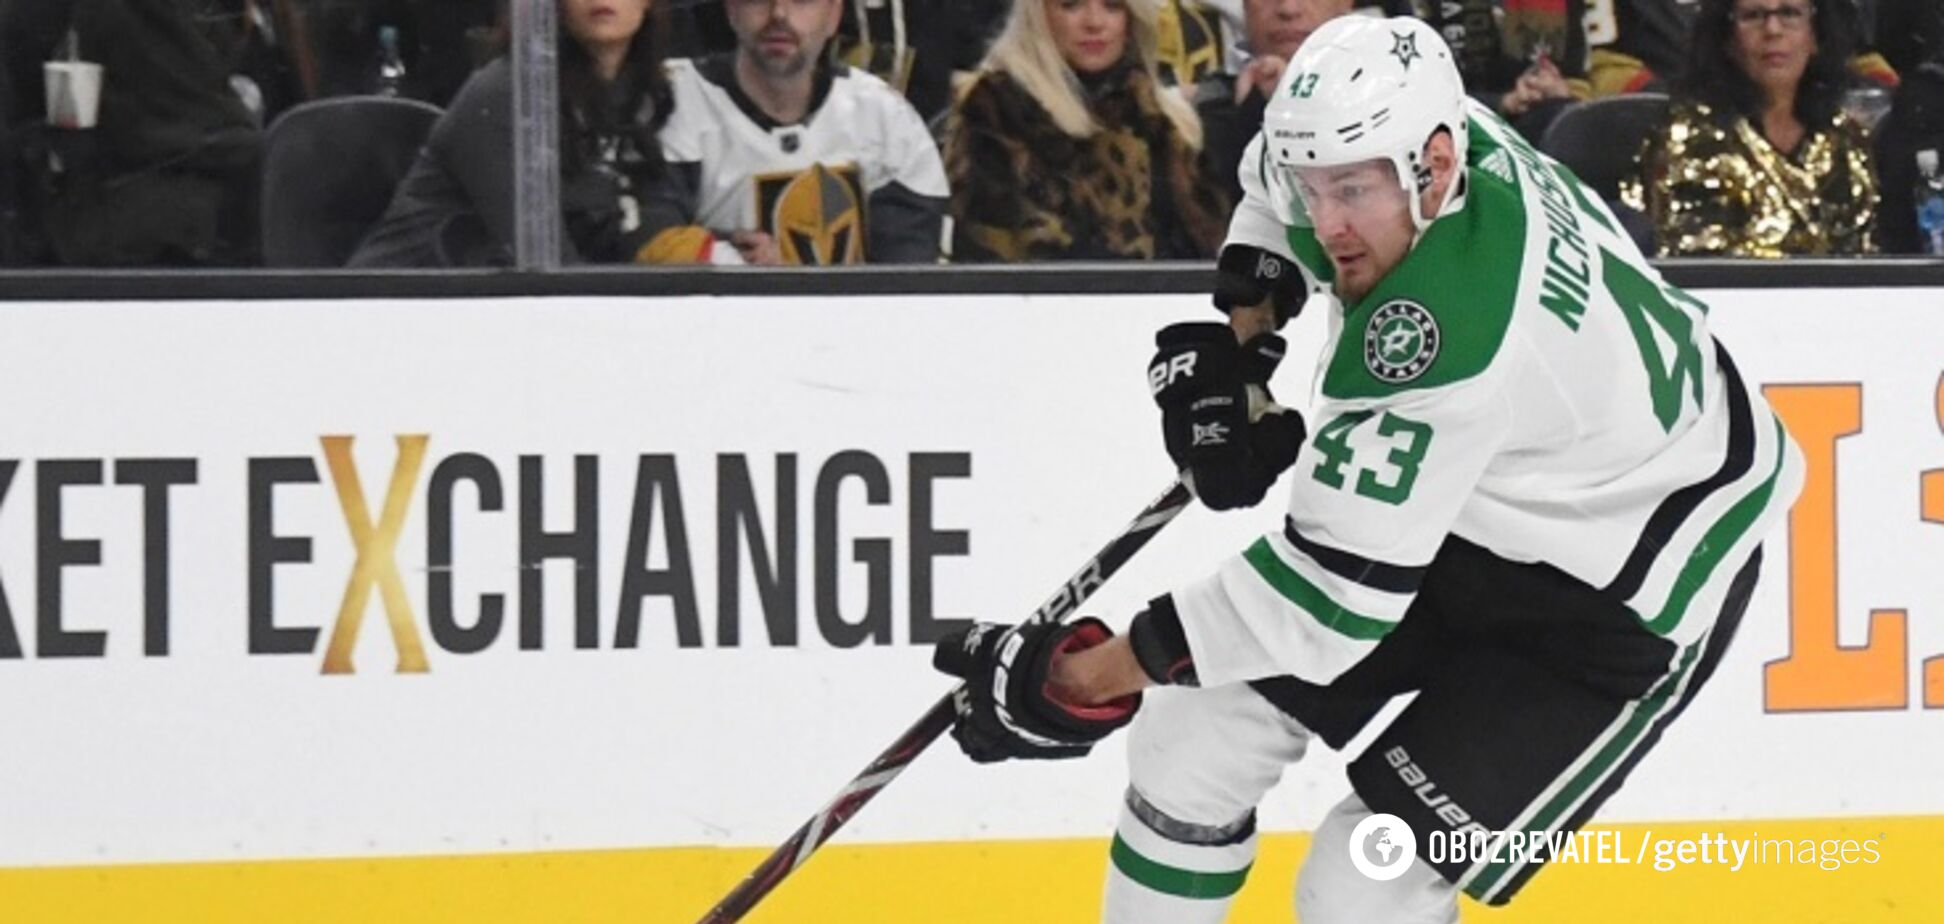 Російський хокеїст зганьбився в НХЛ